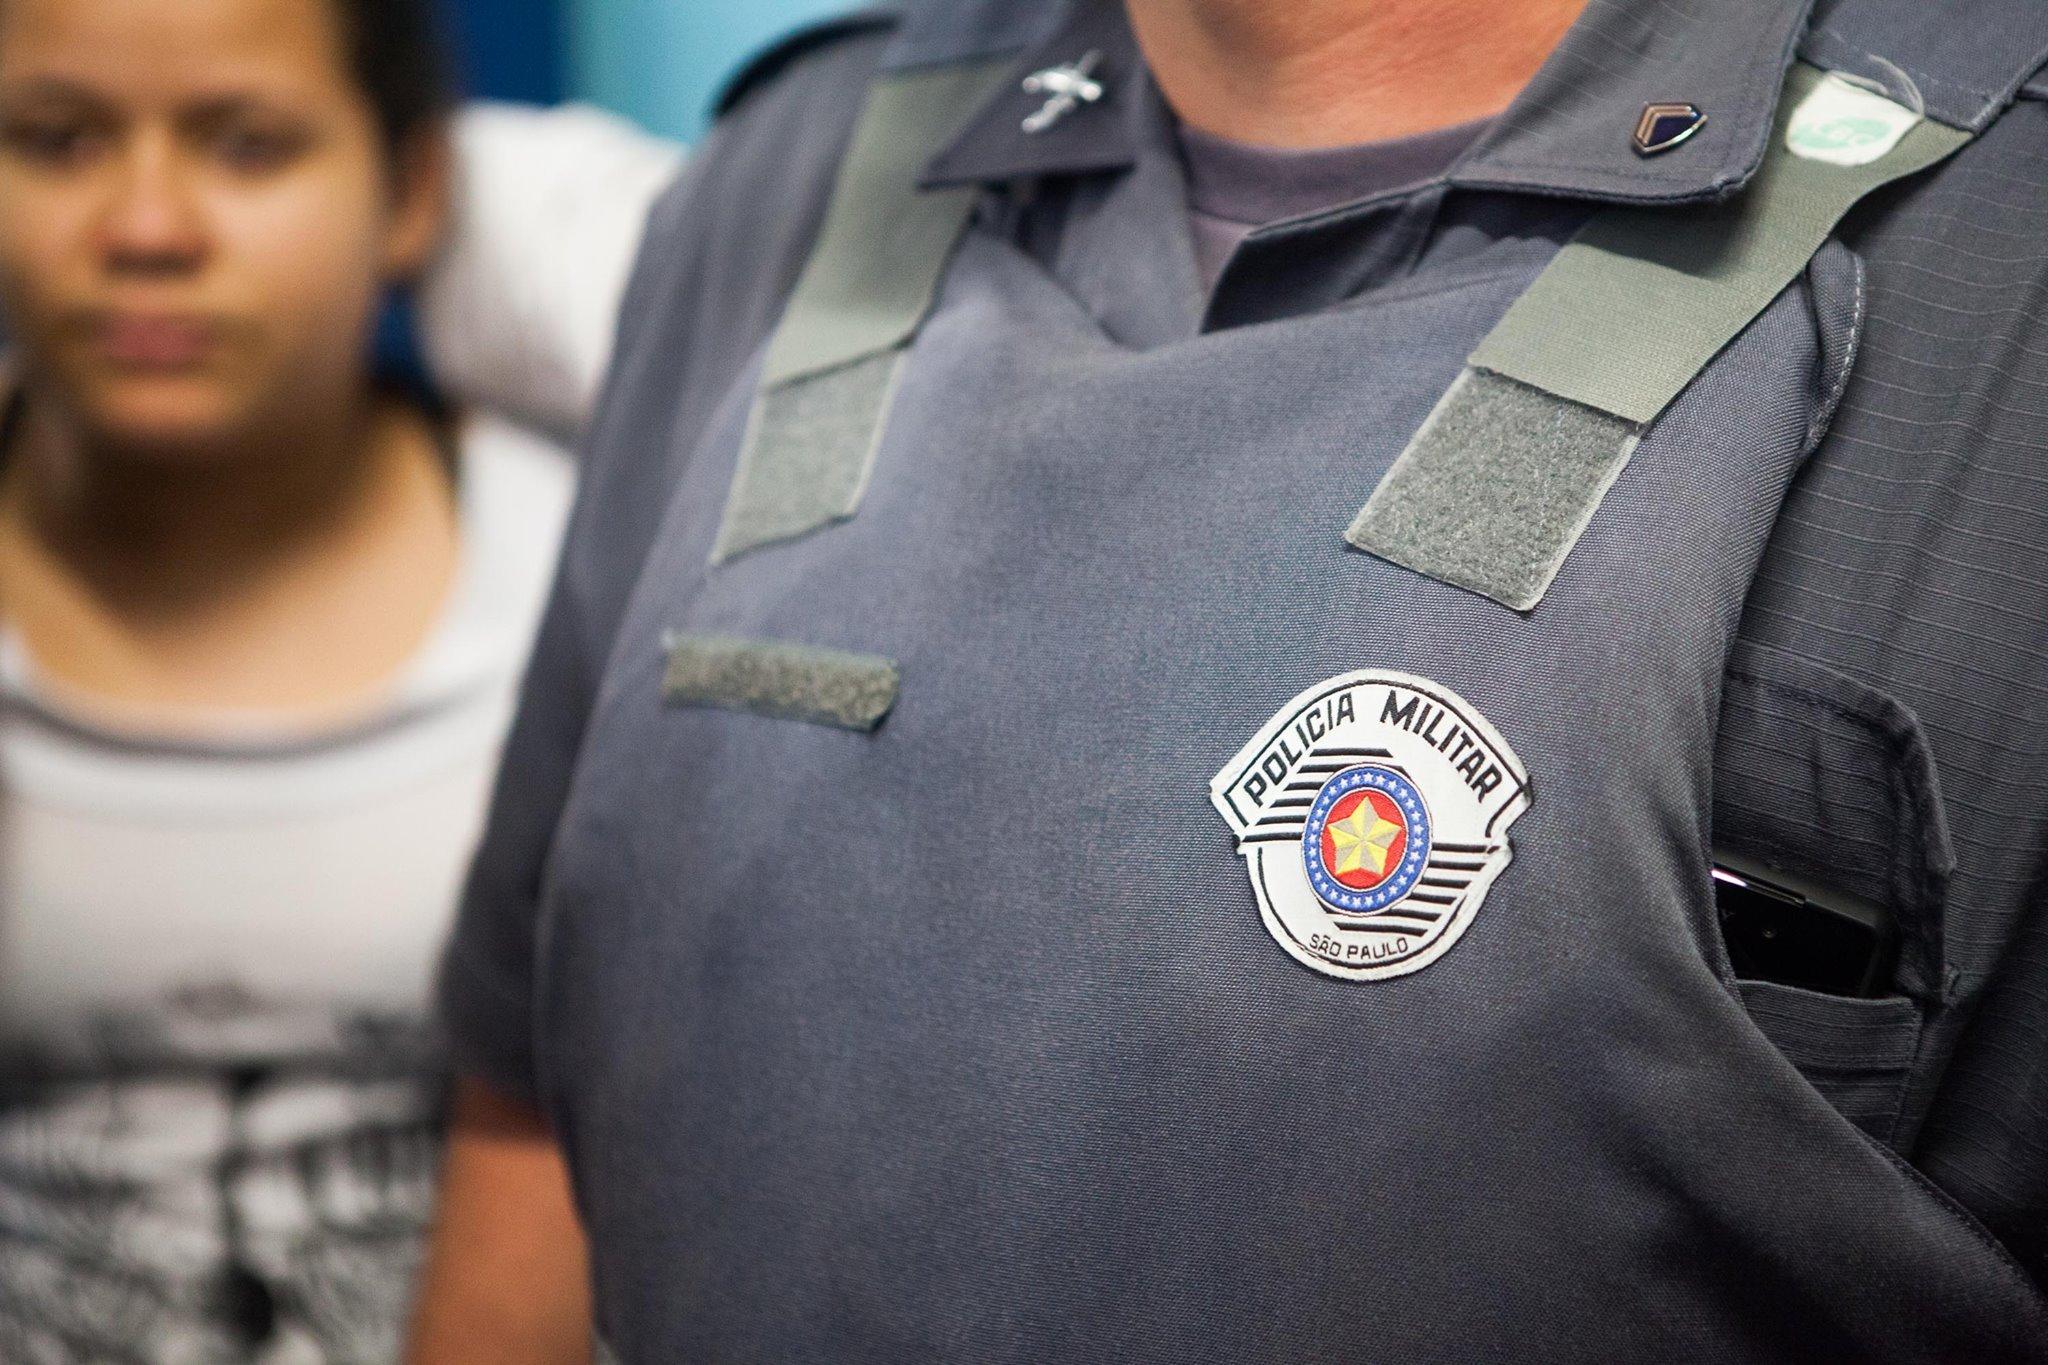 Policial militar dentro da escola, de farda, mas sem identificação (Foto: Sérgio Silva)